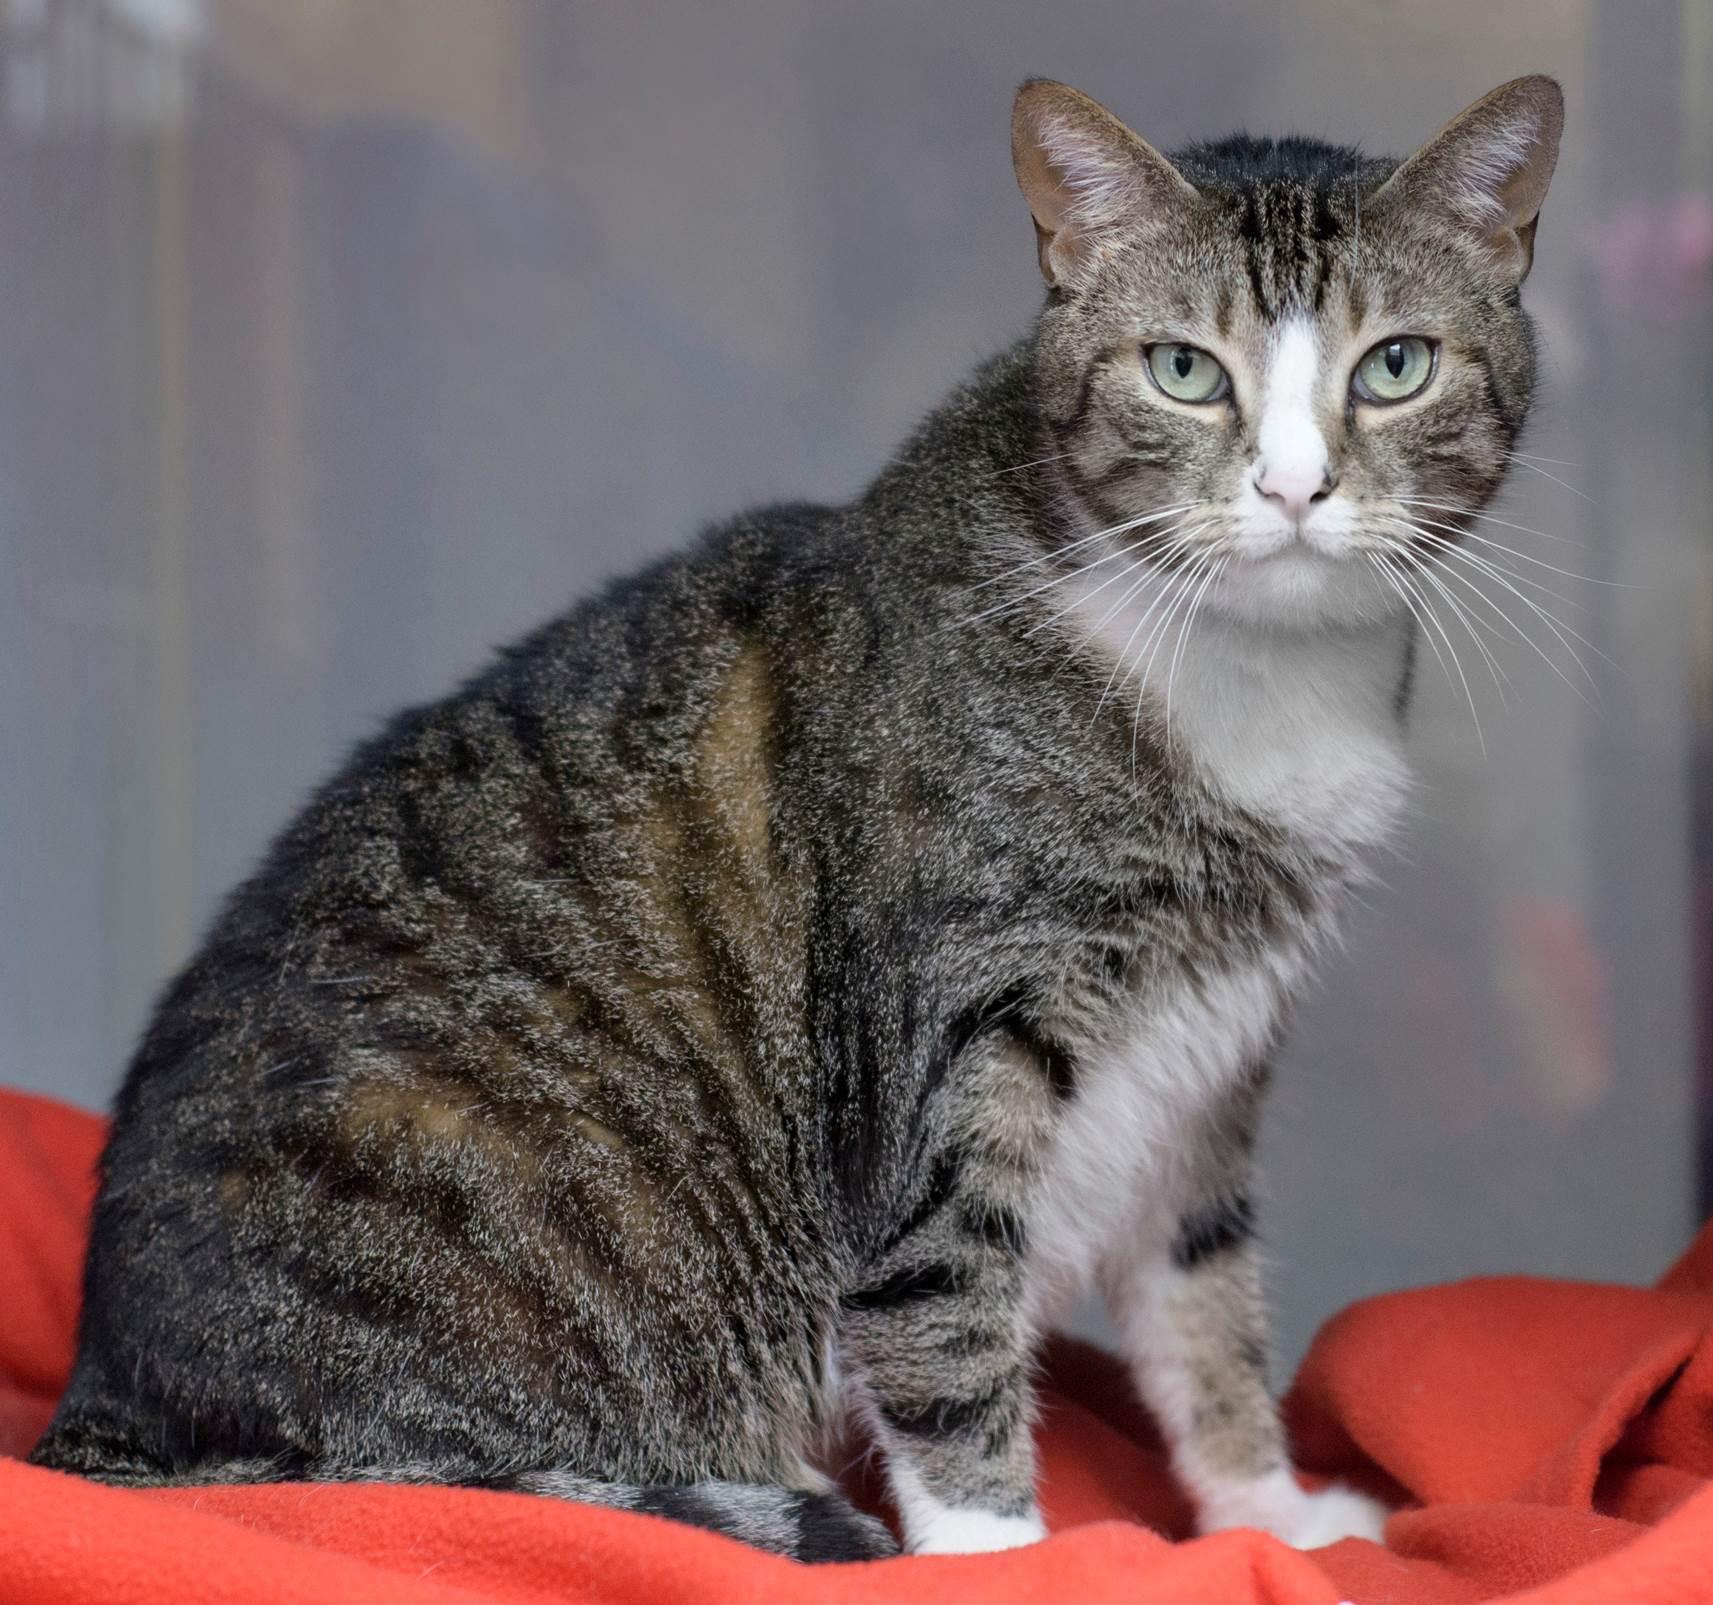 Calypso adoptable rescue cat movie tv tech geeks - MA2529